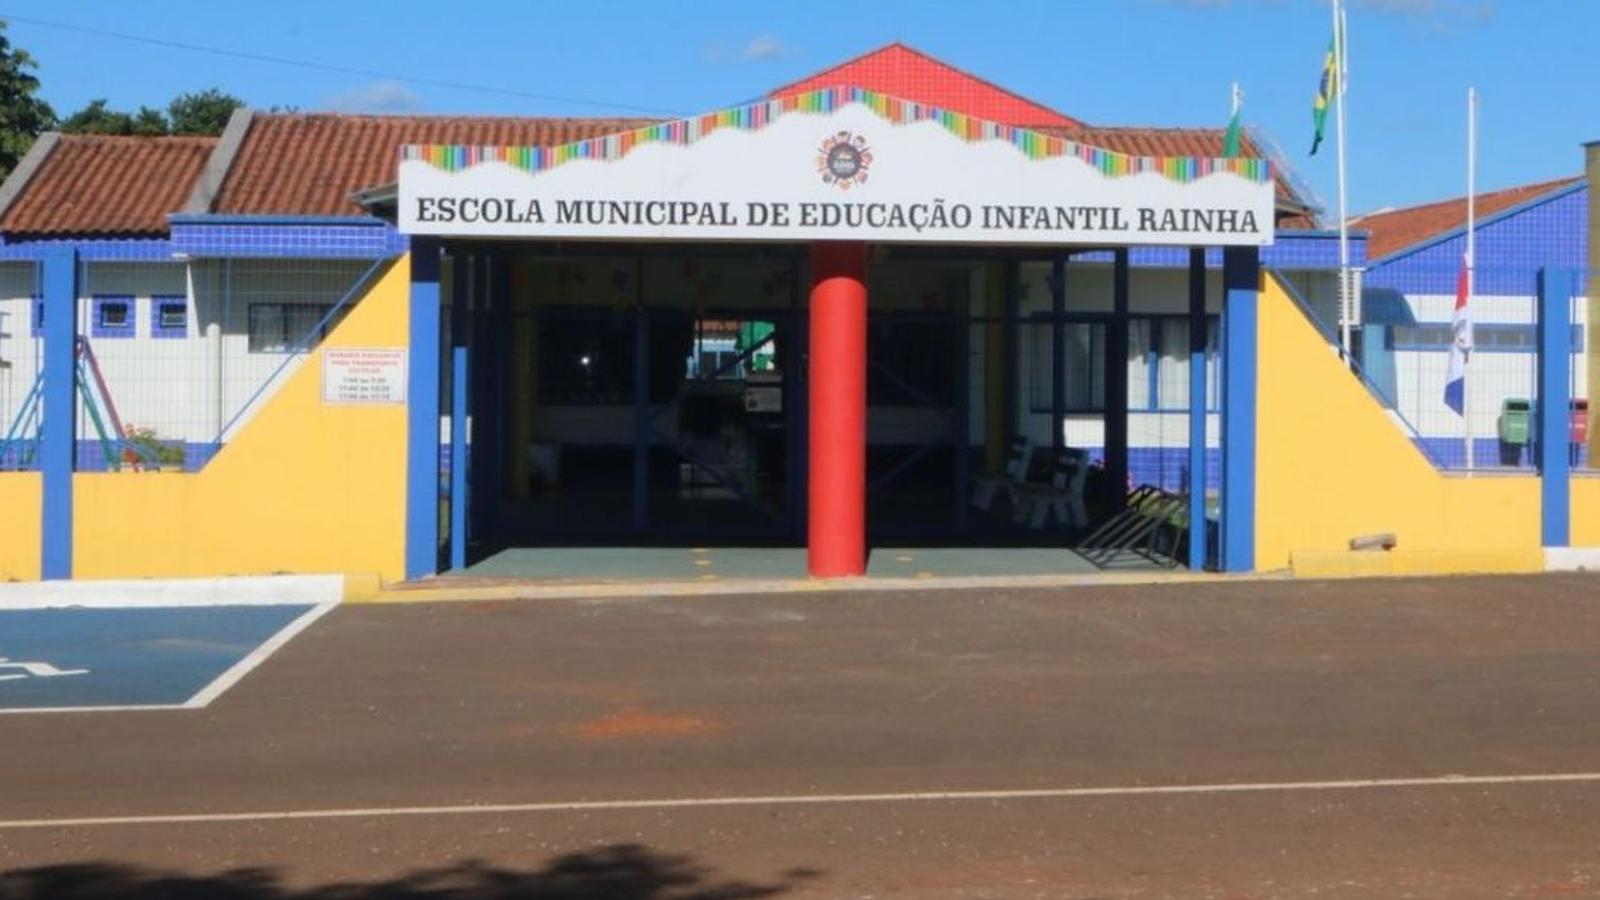 Prefeito e vereadores de Lagoa dos Três Cantos conquistam verbas para EMEI Rainha em viagem a Brasília